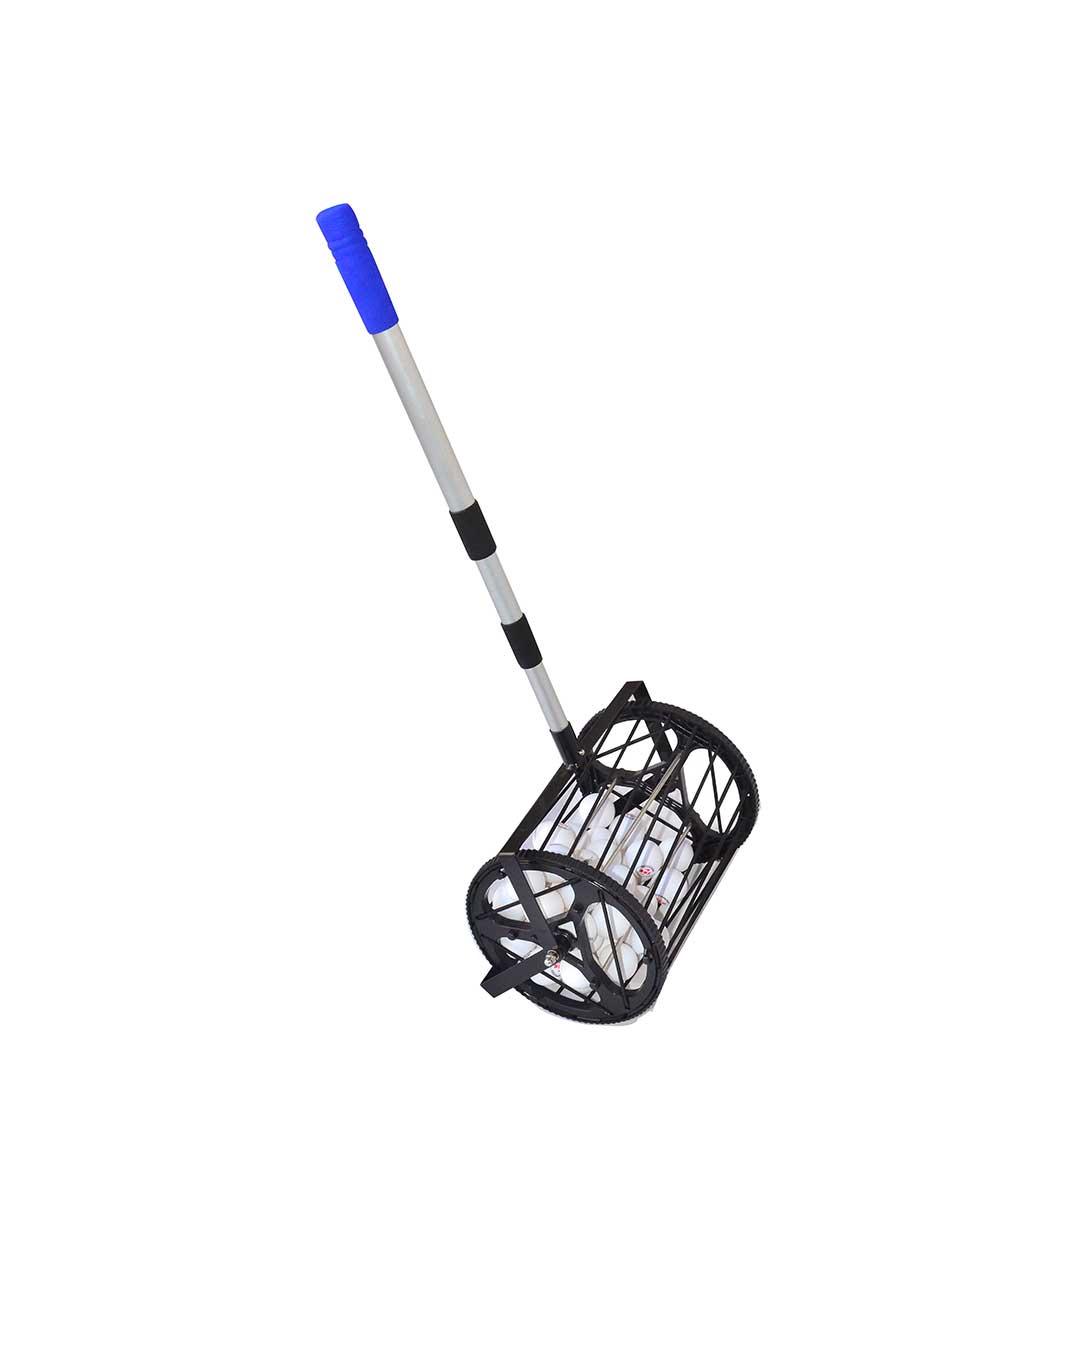 Recoge Pelotas de Tenis de Mesa con Cilindro Recolector